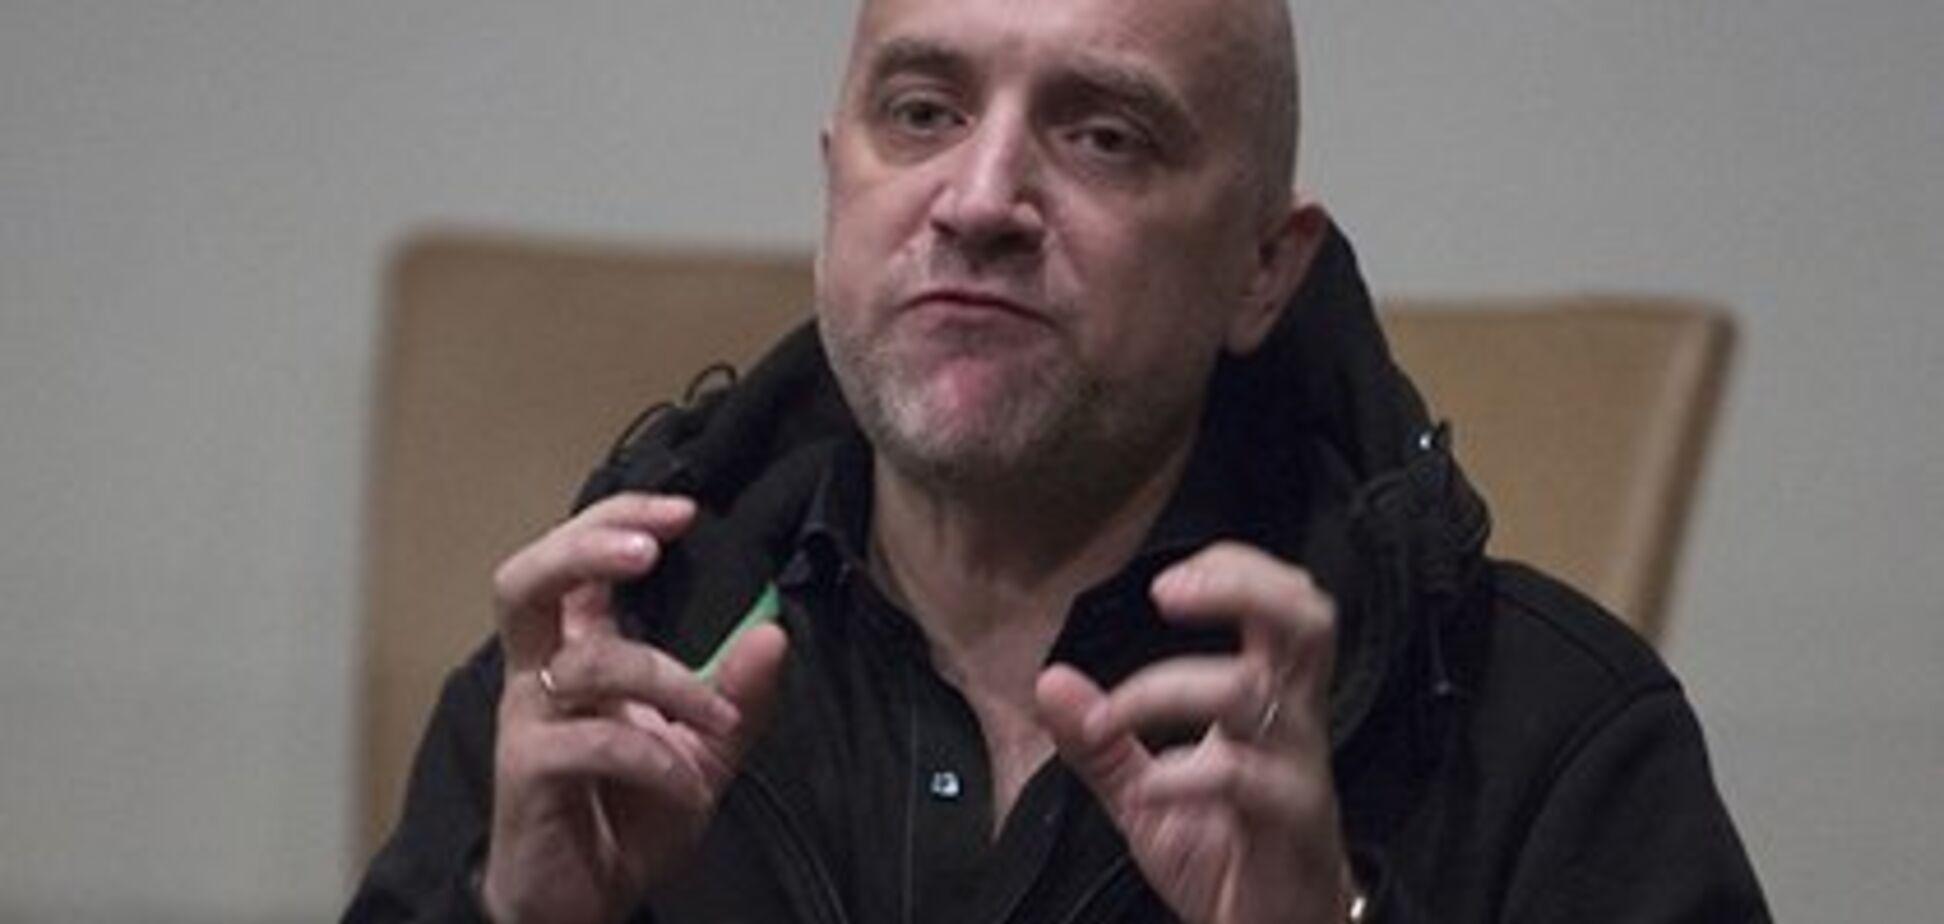 Визнали терористом: у Європі затримали Прилєпіна, який воював проти України